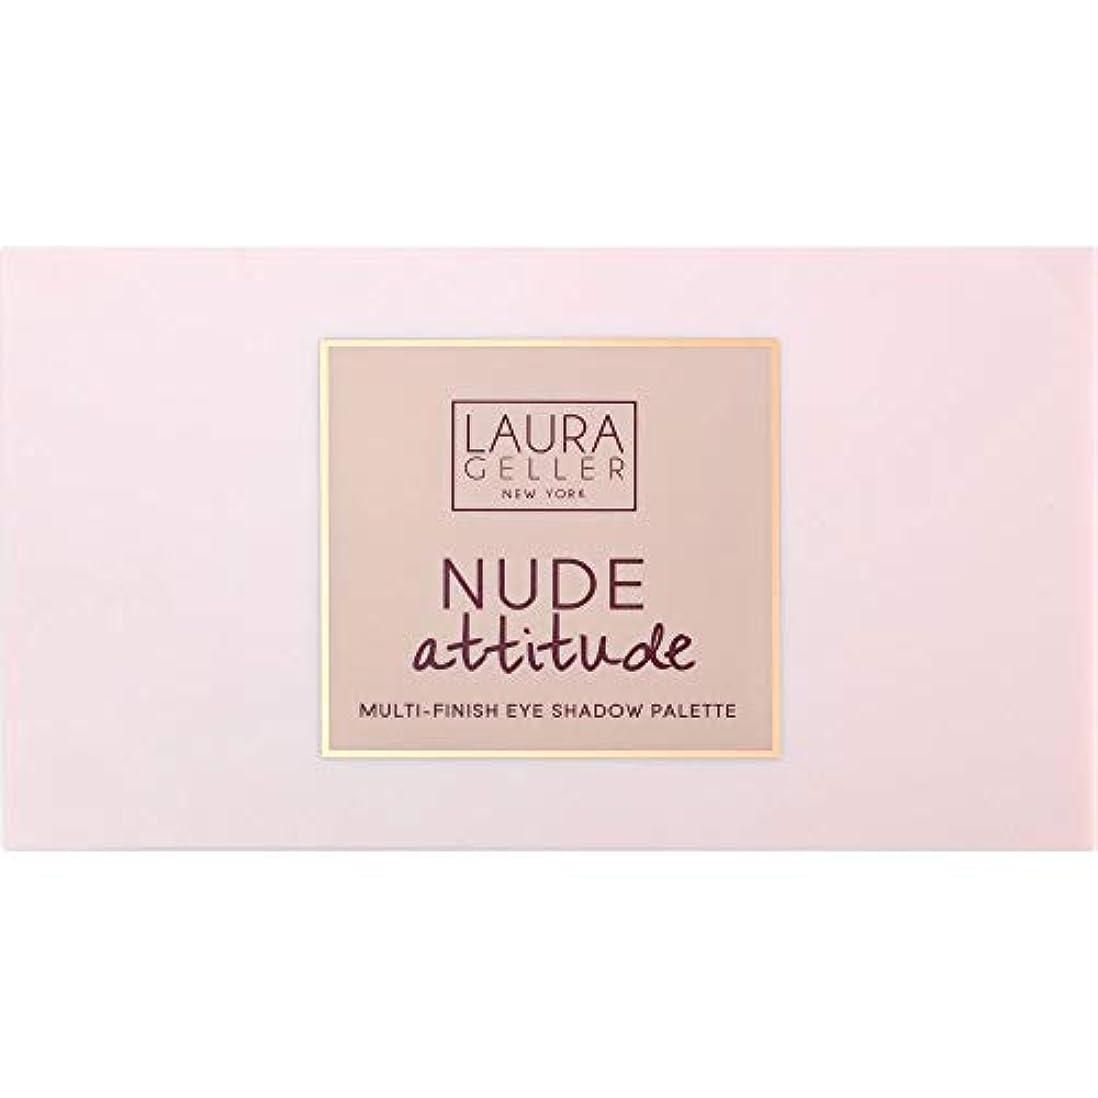 アミューズ学習者半ば[Laura Geller ] ローラ?ゲラーヌード態度マルチフィニッシュアイシャドウパレット12×1.1グラム - Laura Geller Nude Attitude Multi-Finish Eye Shadow...